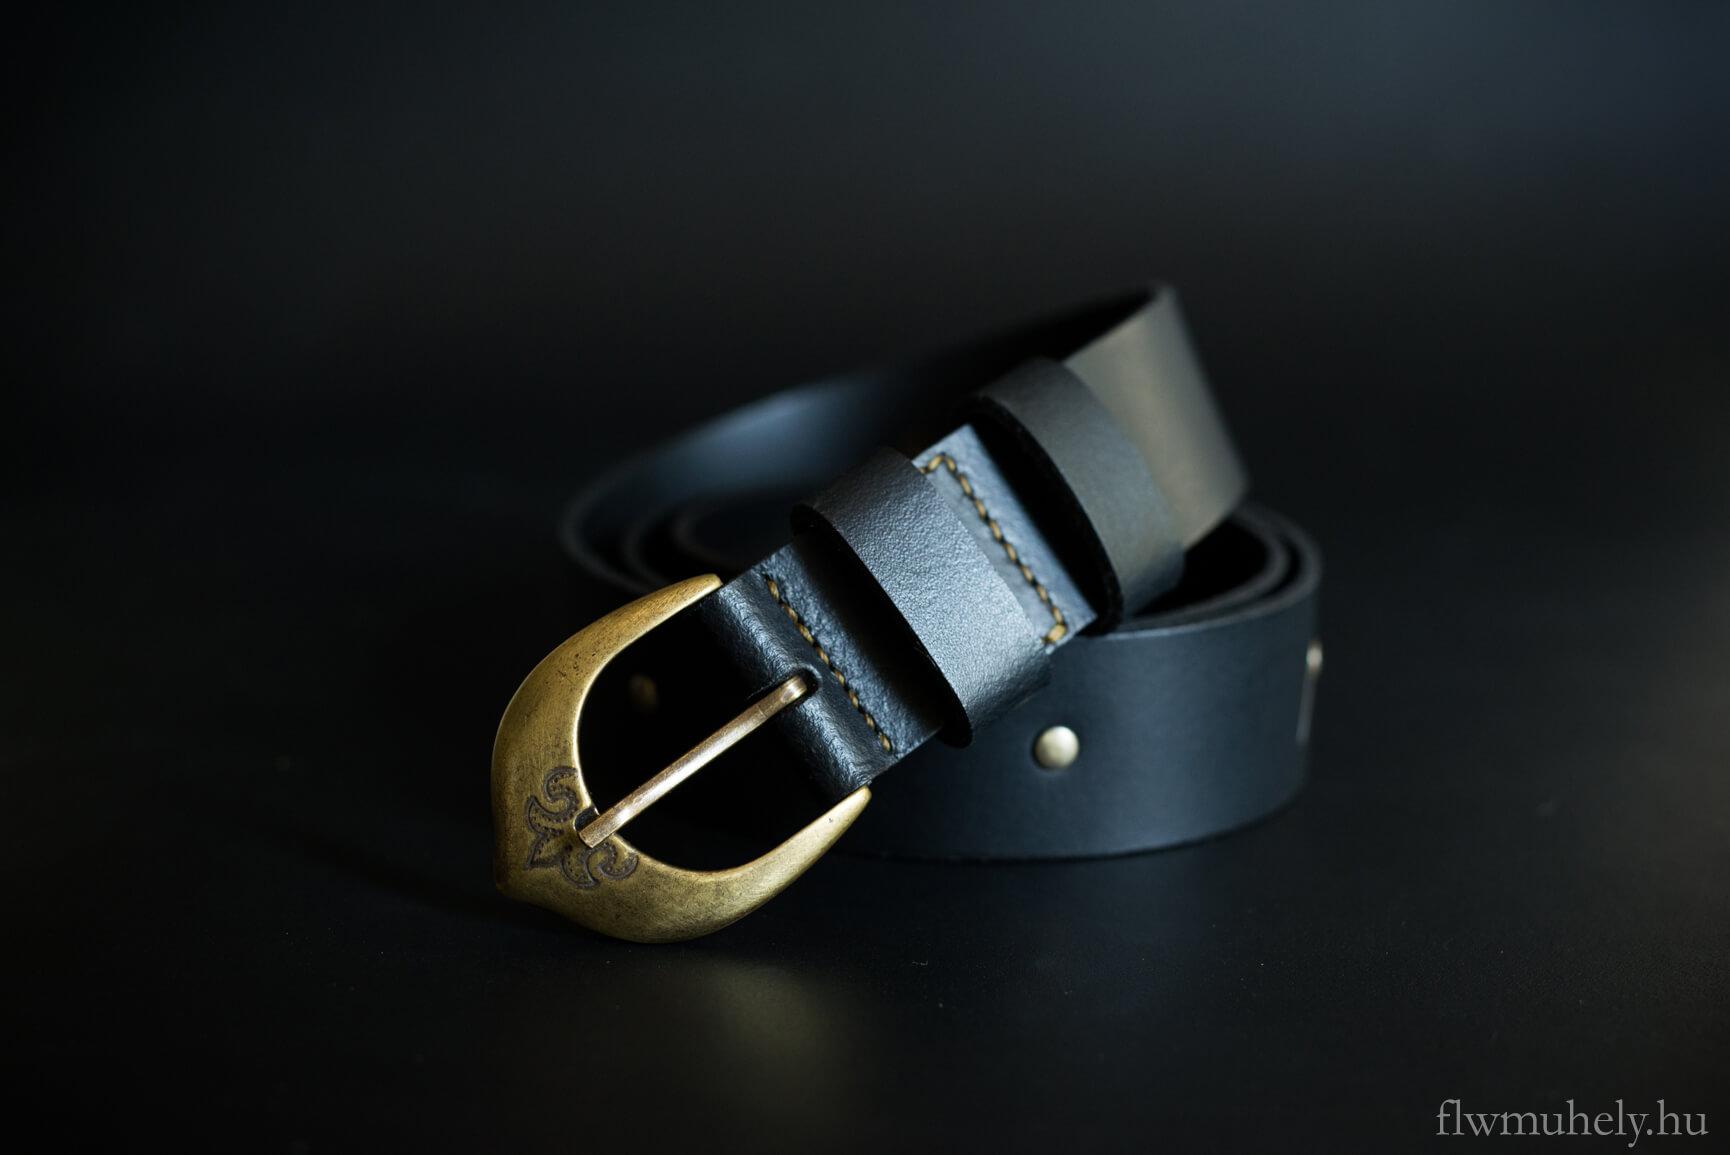 89c93af41d Szirom marhabőr öv - szoknyához és ruhához is viselhető - flwmuhely